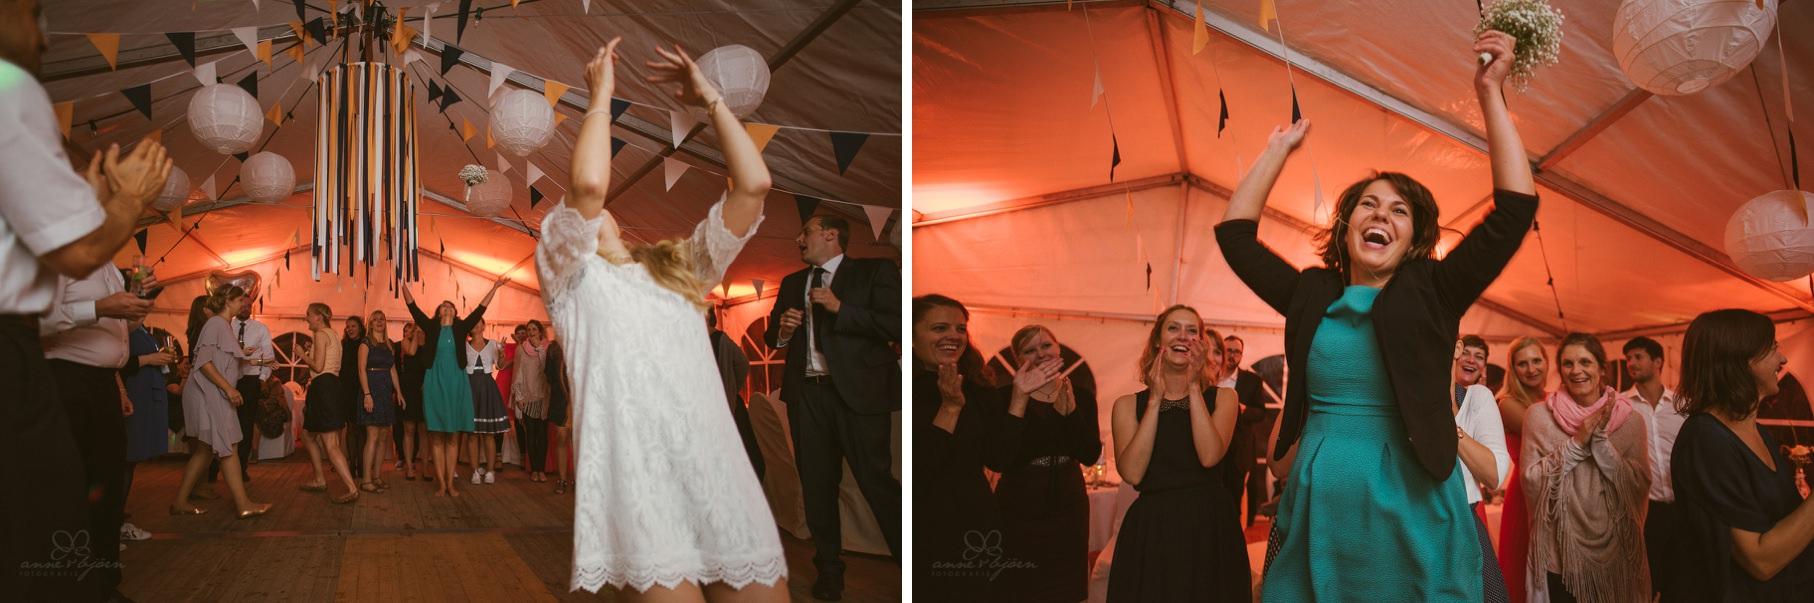 0160 anne und bjoern claudi und enno 811 4666 - Hochzeit auf Rügen (Klein Kubbelkow) - Claudi & Enno